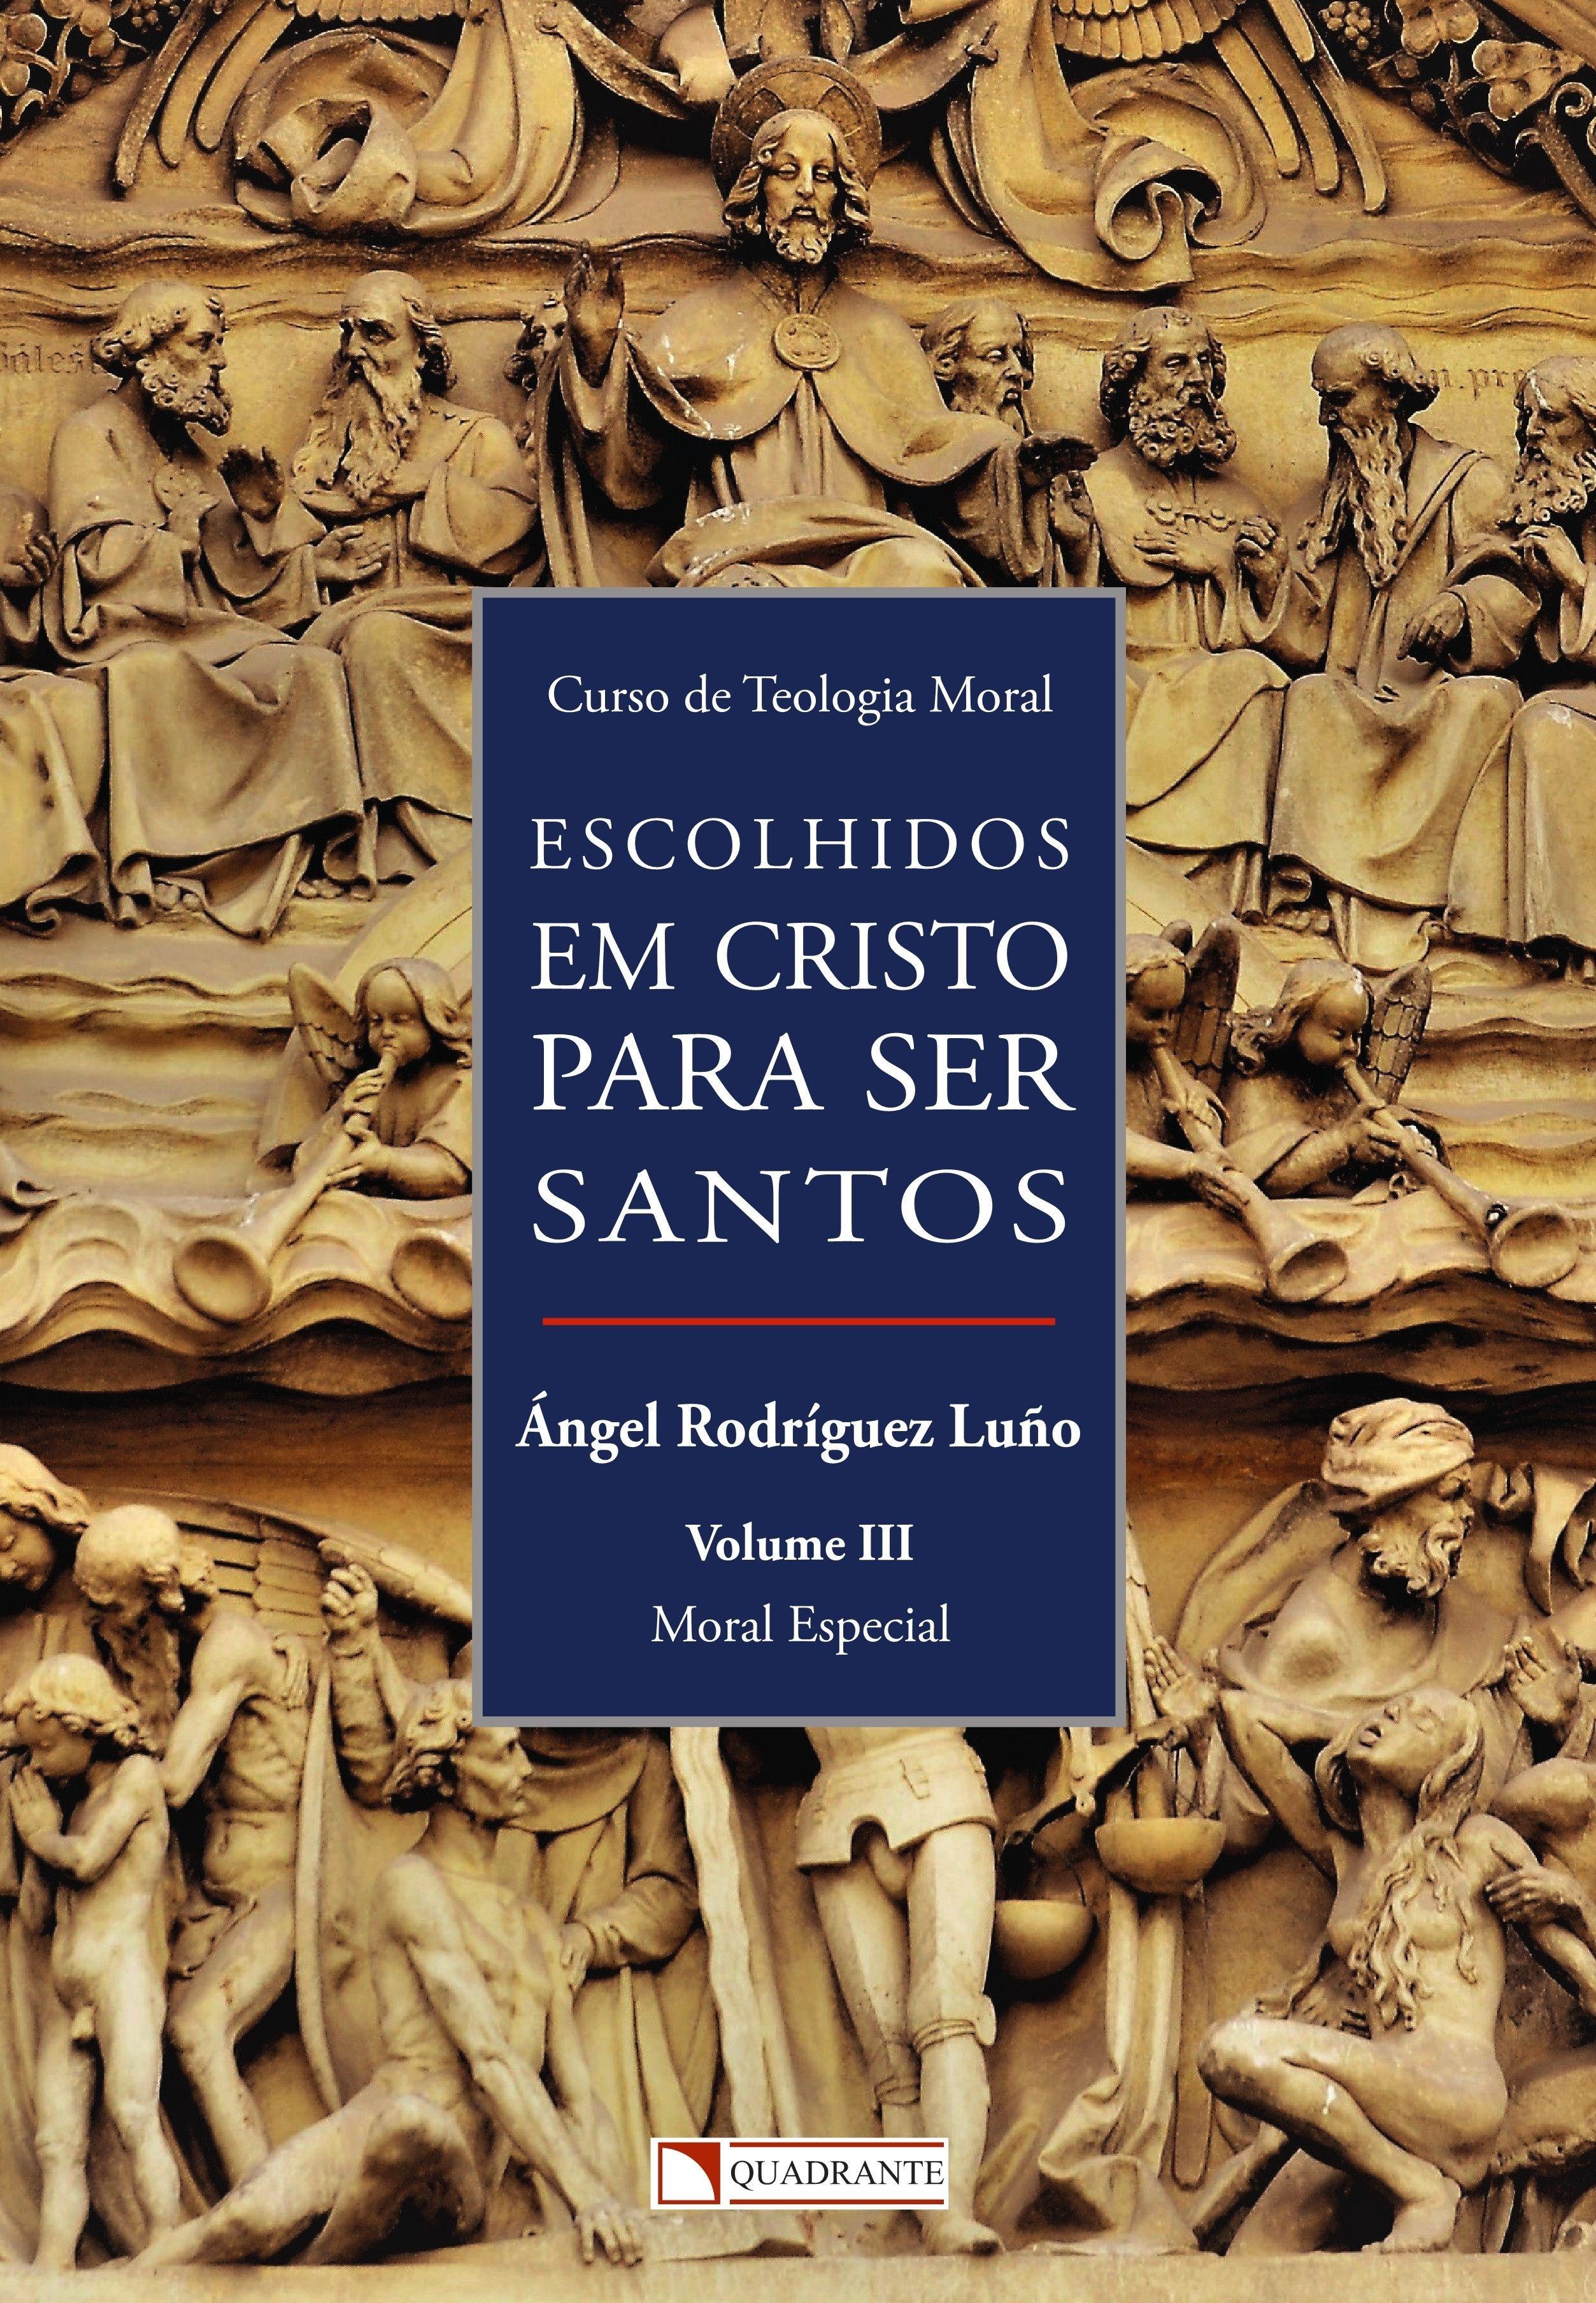 Livro Escolhidos em Cristo para ser Santos - vol. III